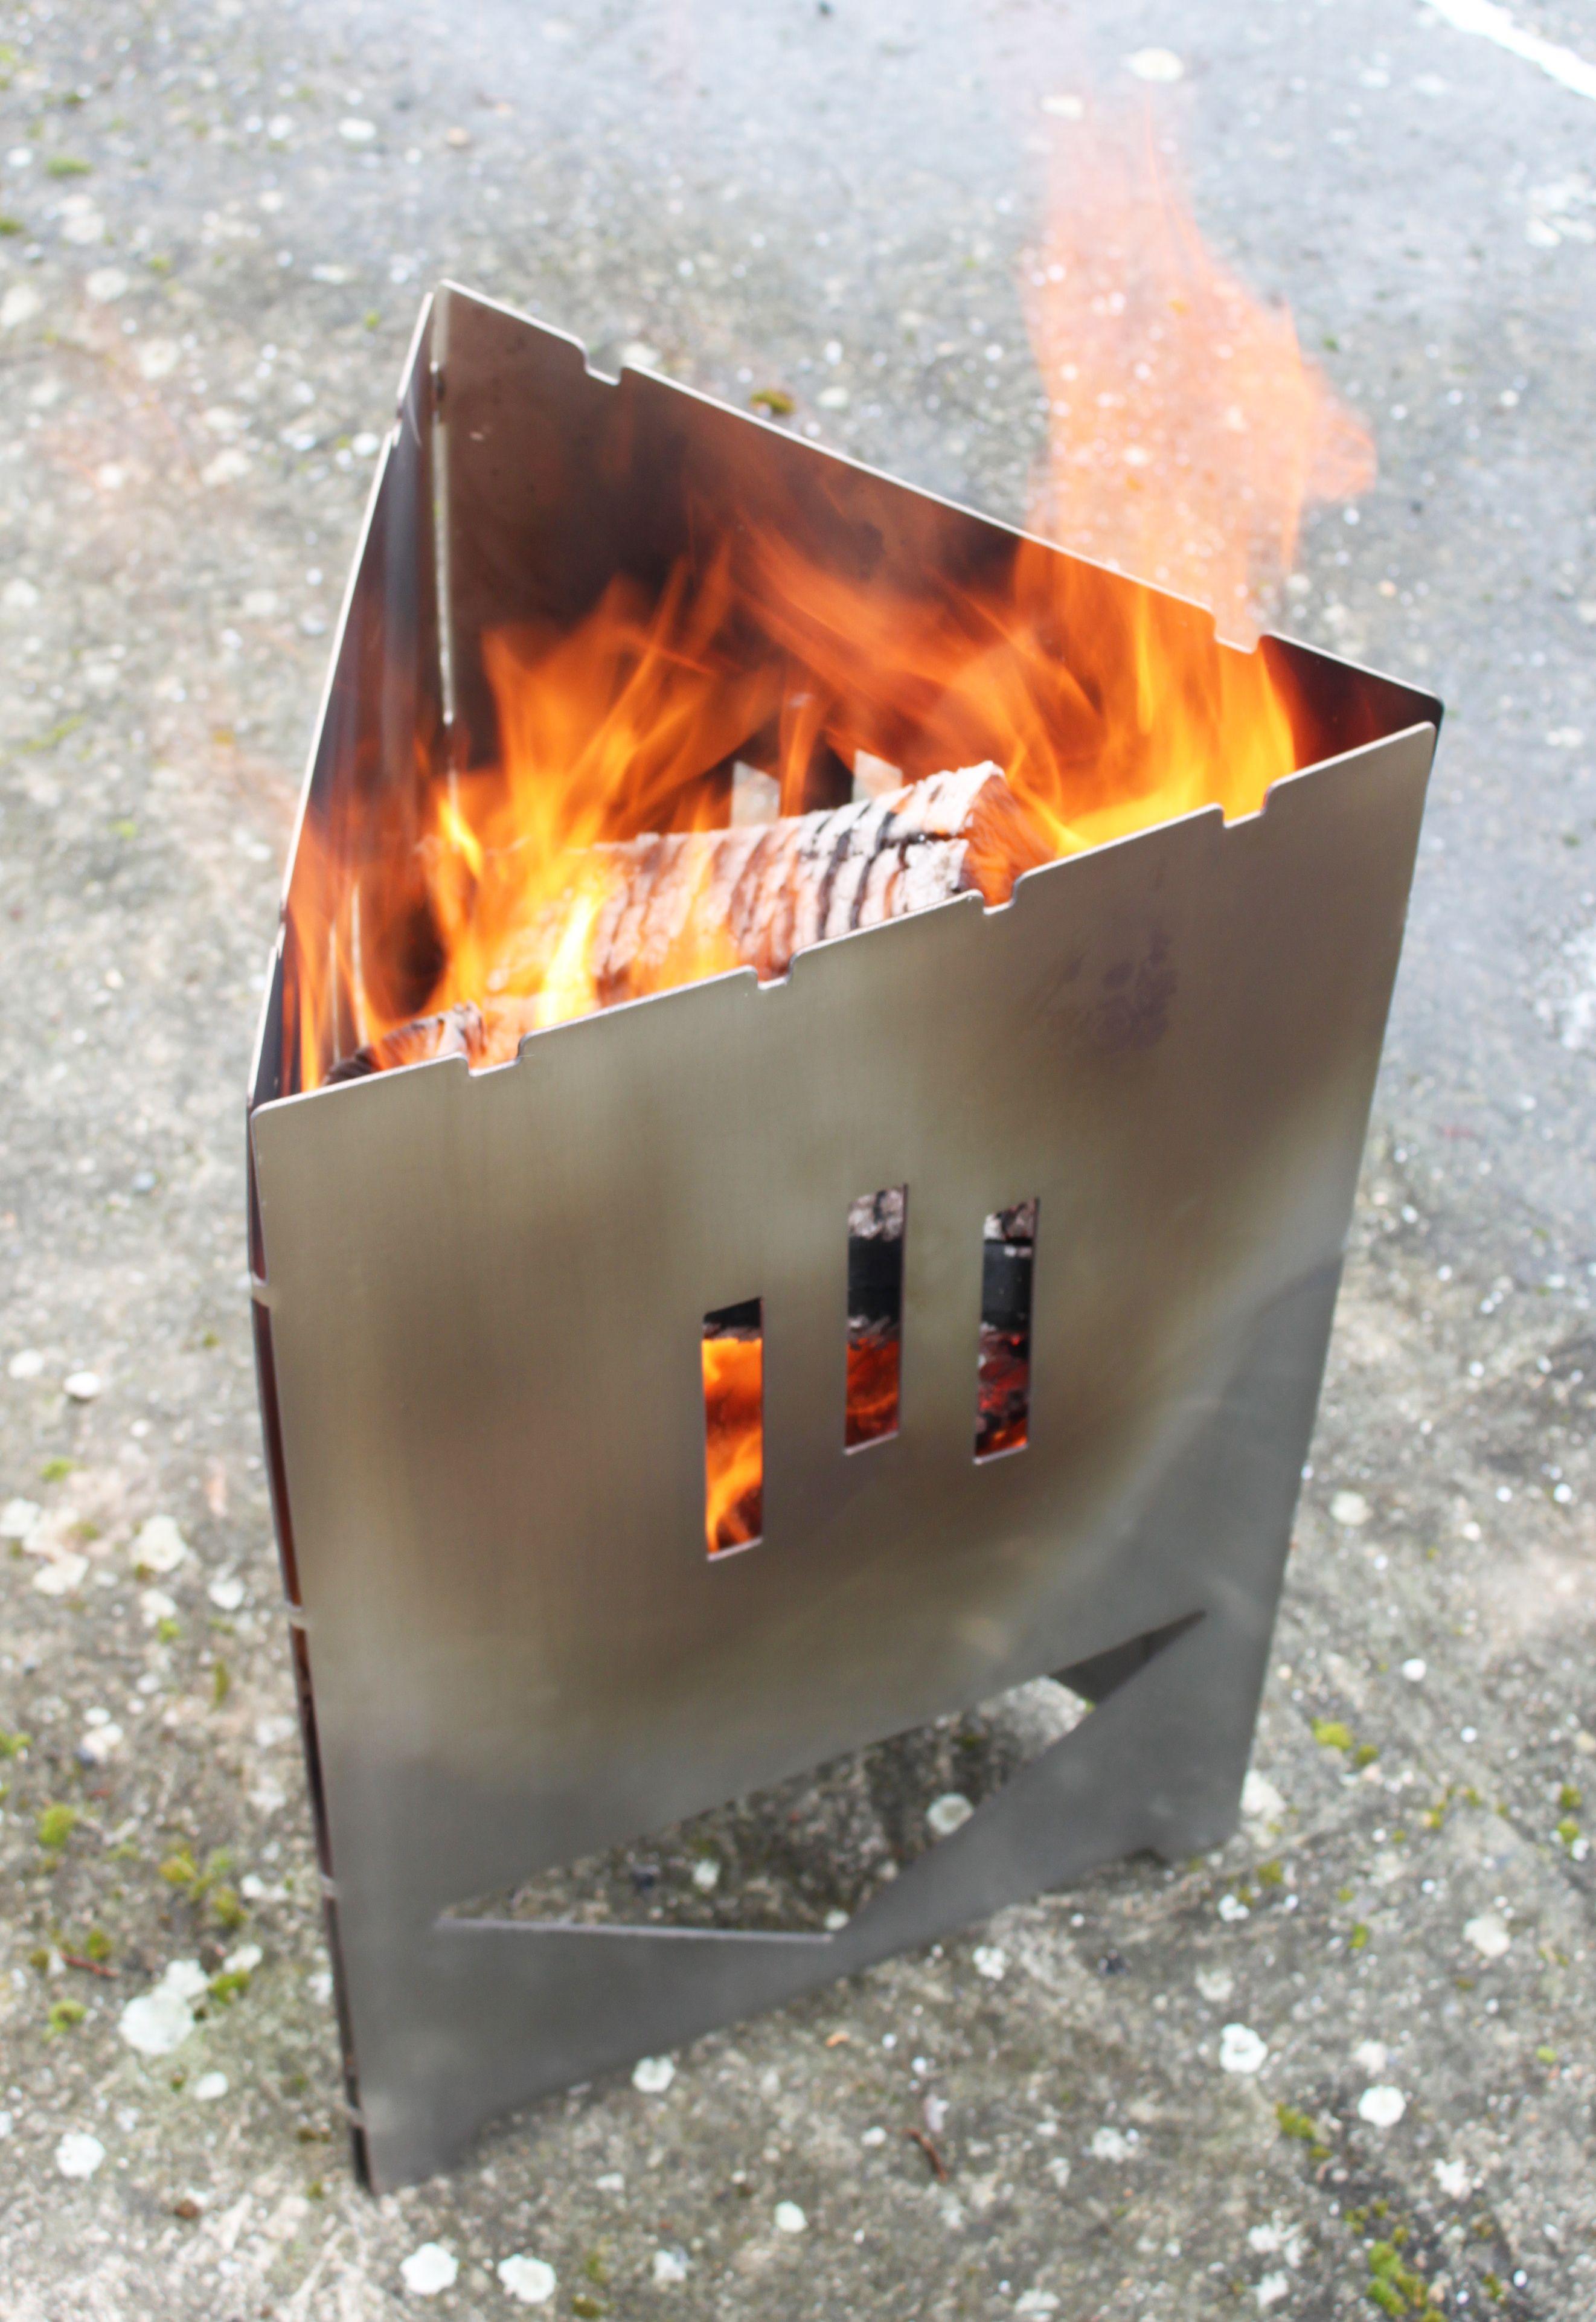 Design Edelstahl Schwedenfeuer Grill Schaschlik Feuerkorb Metall Feuerstelle Feuerschale An Dieser Feuerstelle Konnen Sic Feuerschale Feuerkorb Schwedenfeuer